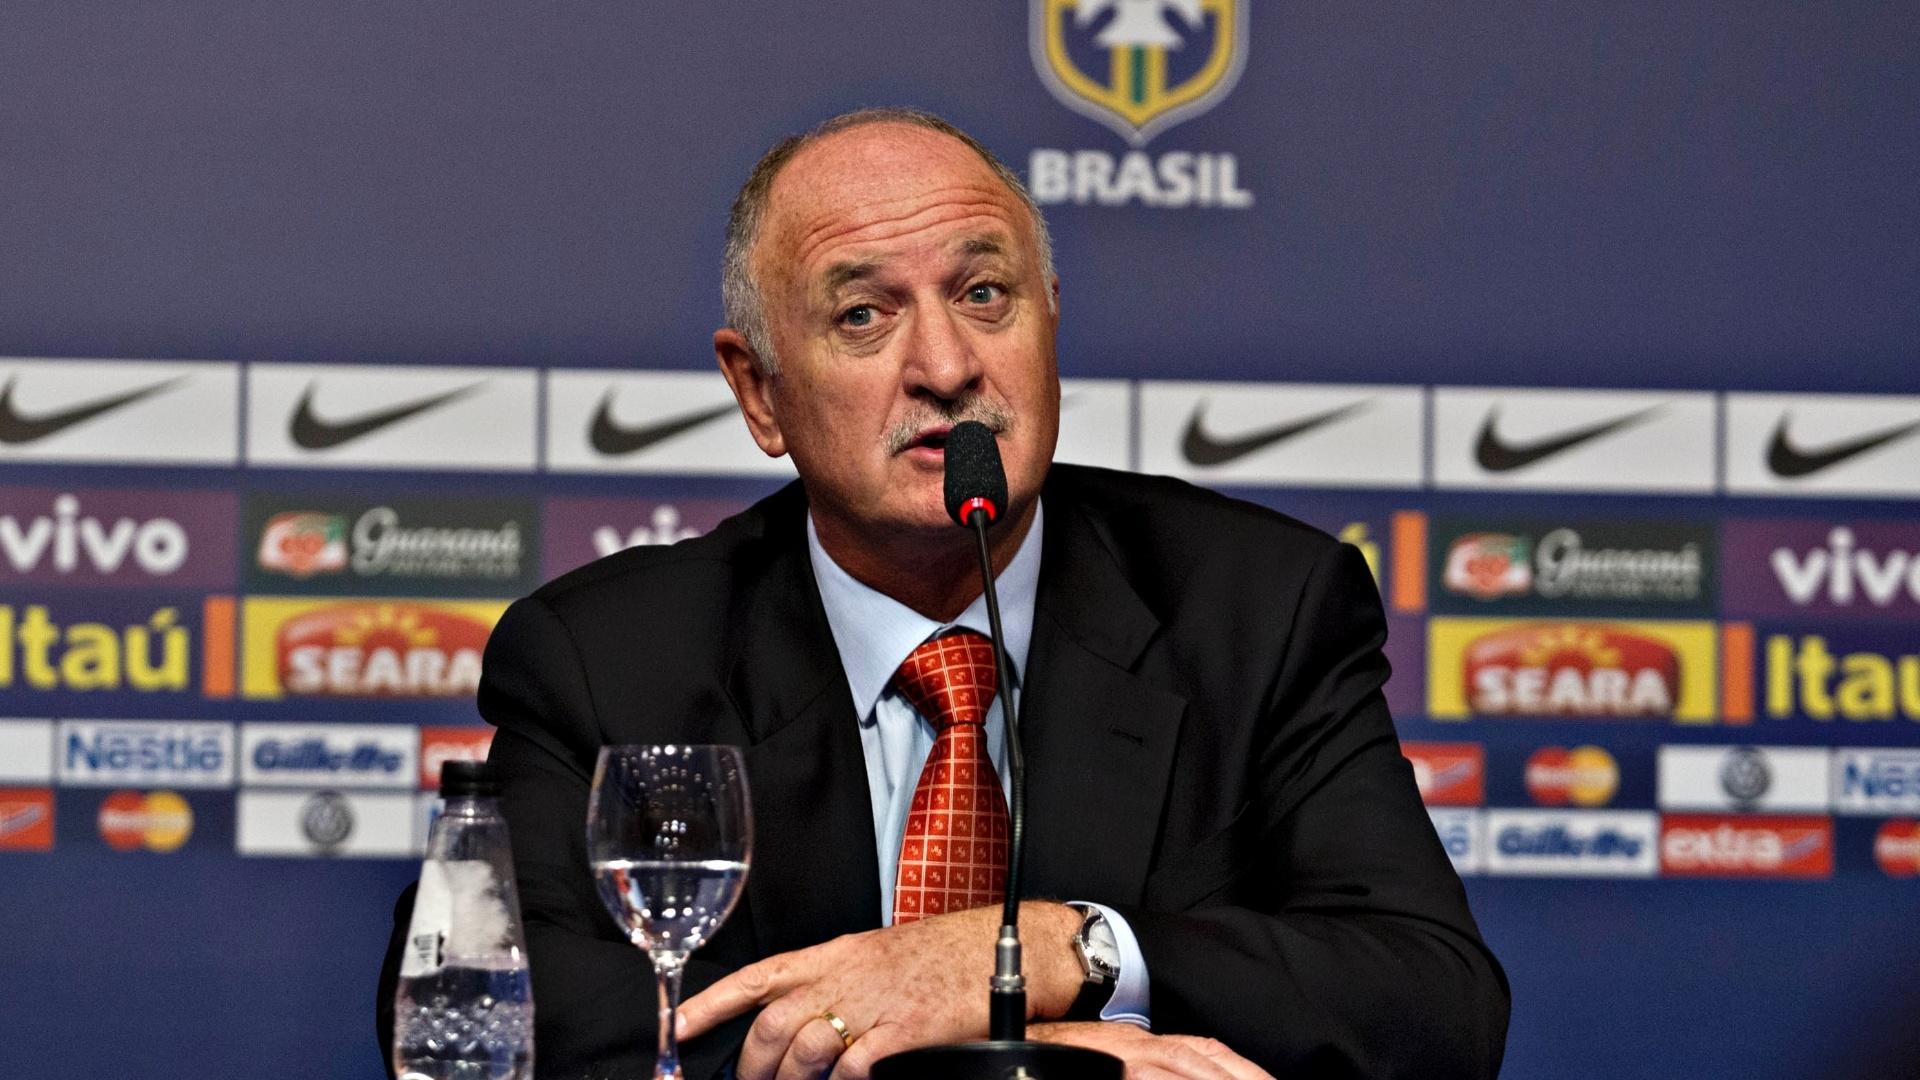 22.jan.2013 - Técnico da seleção brasileira, Luiz Felipe Scolari, fala após anúncio de sua primeira convocação